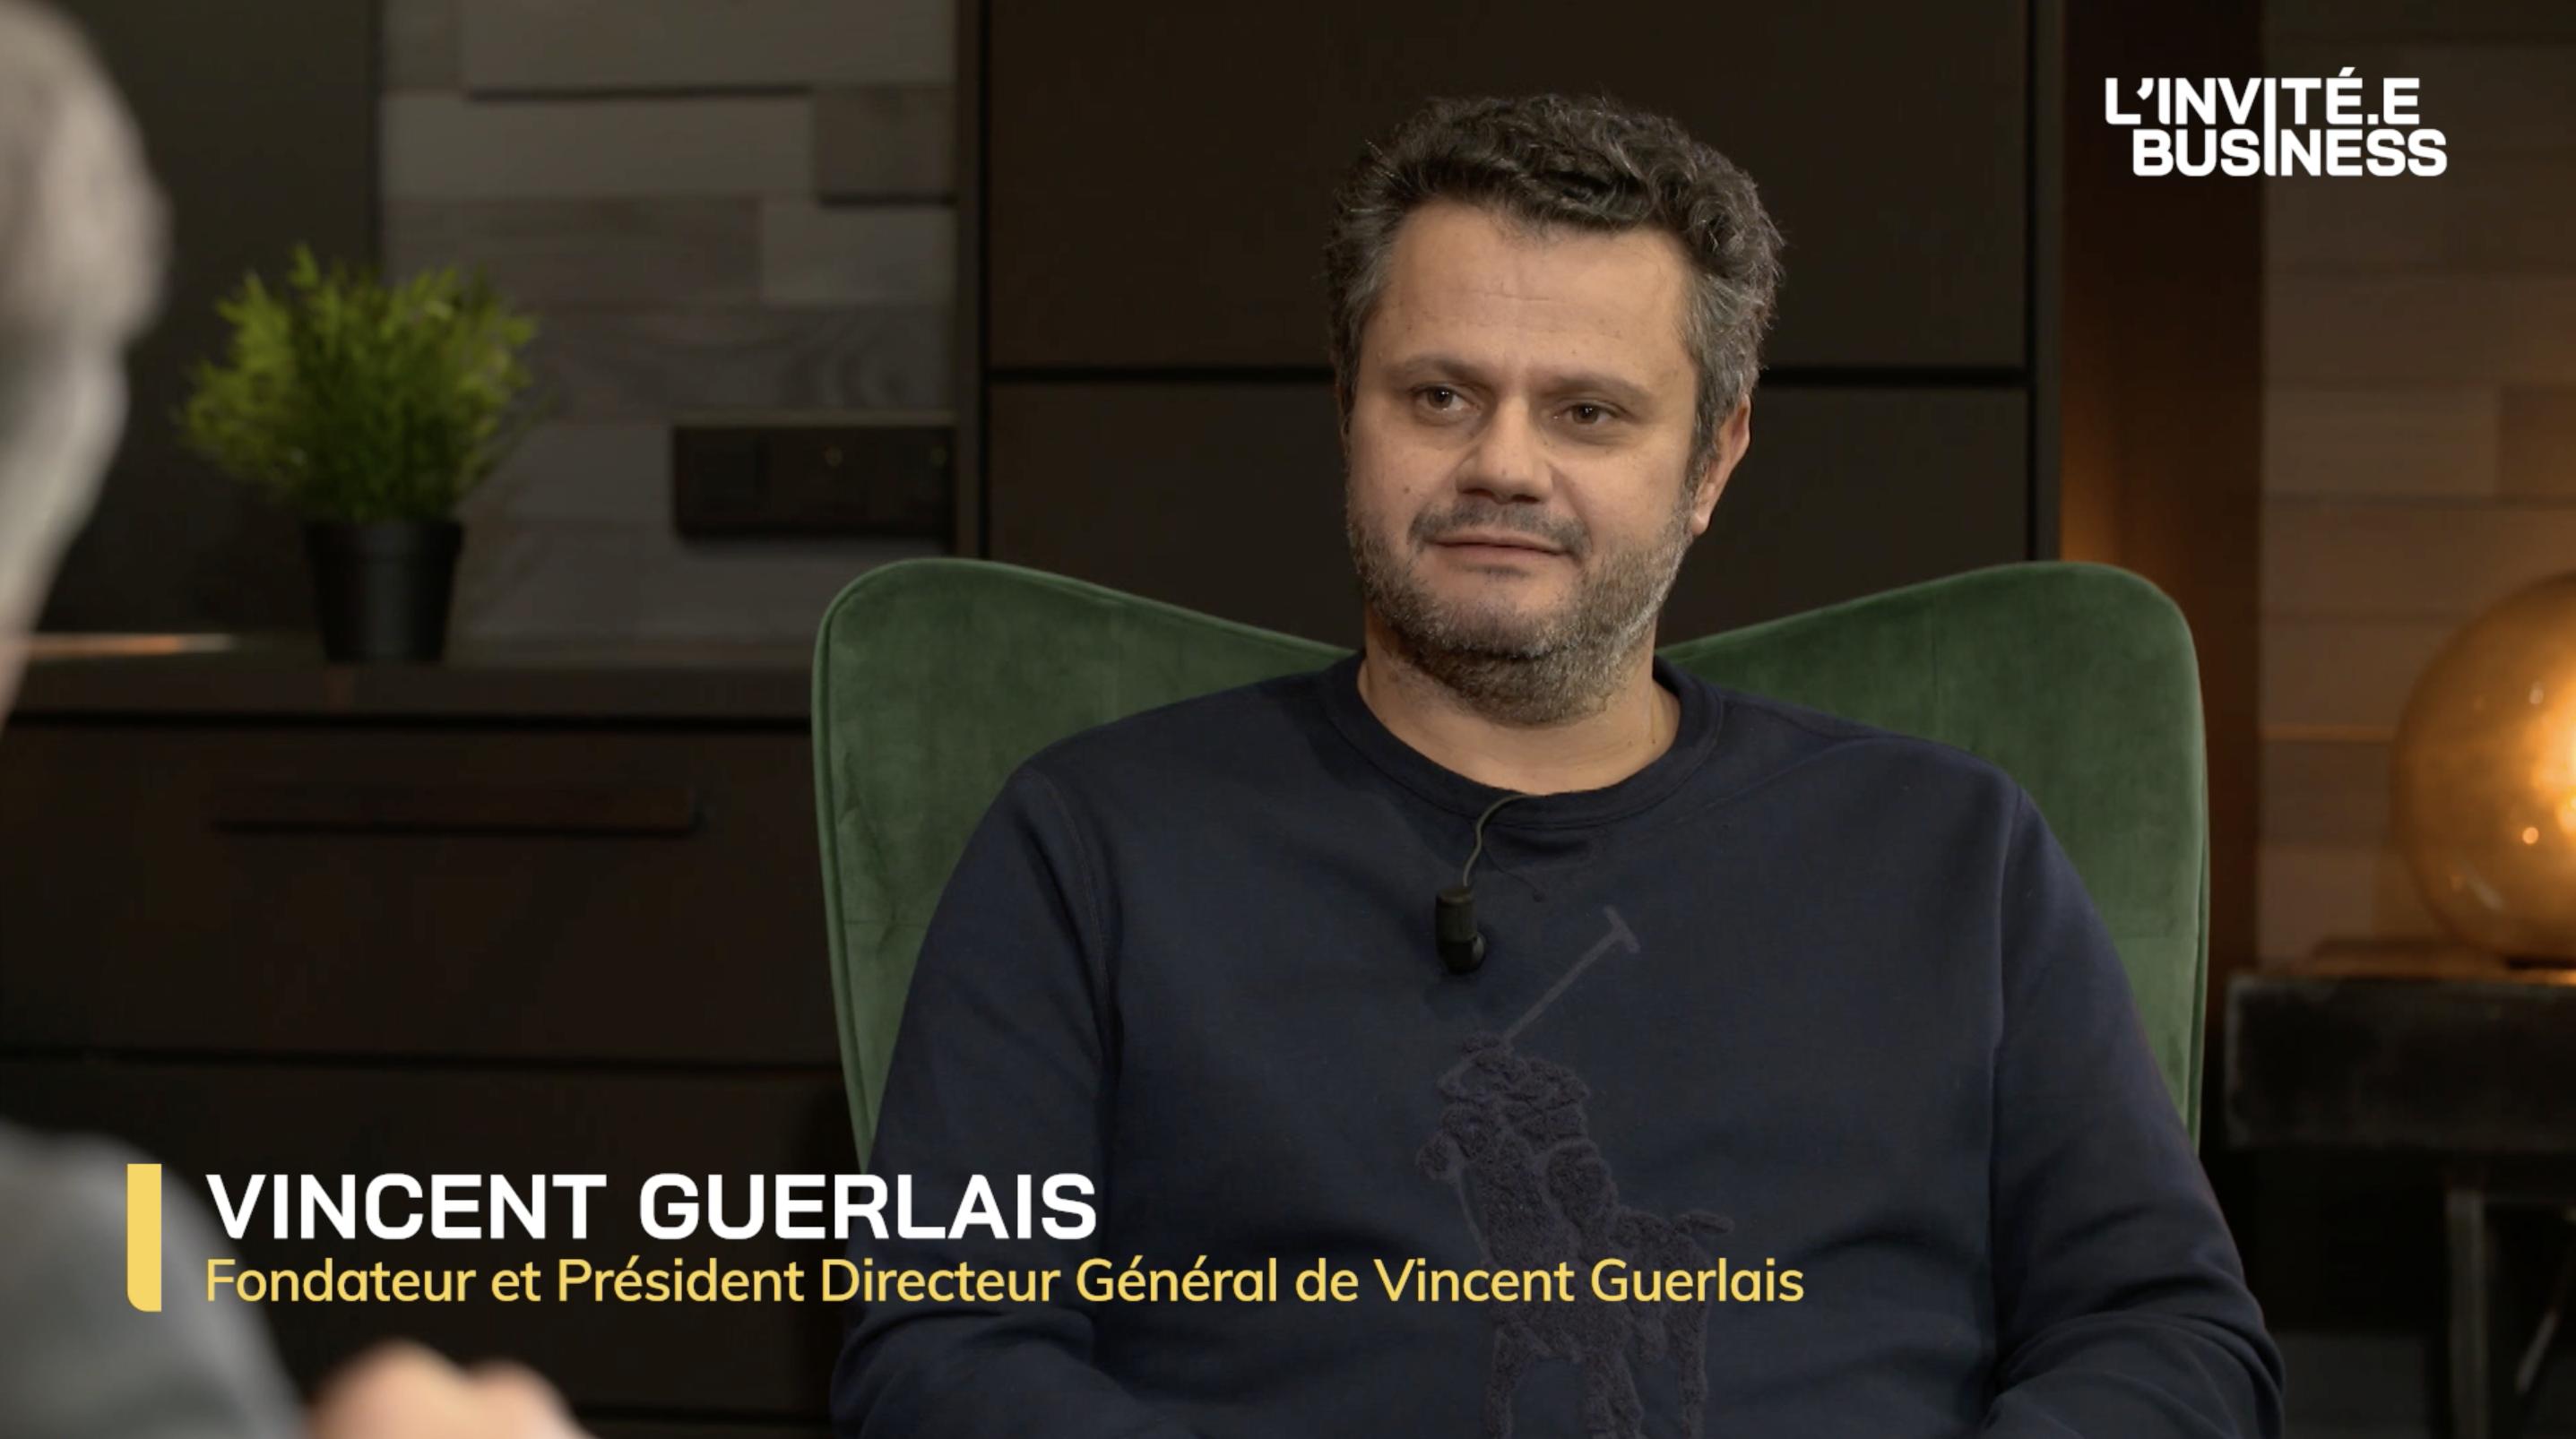 Vincent Guerlais, Fondateur et PDG de Vincent Guerlais